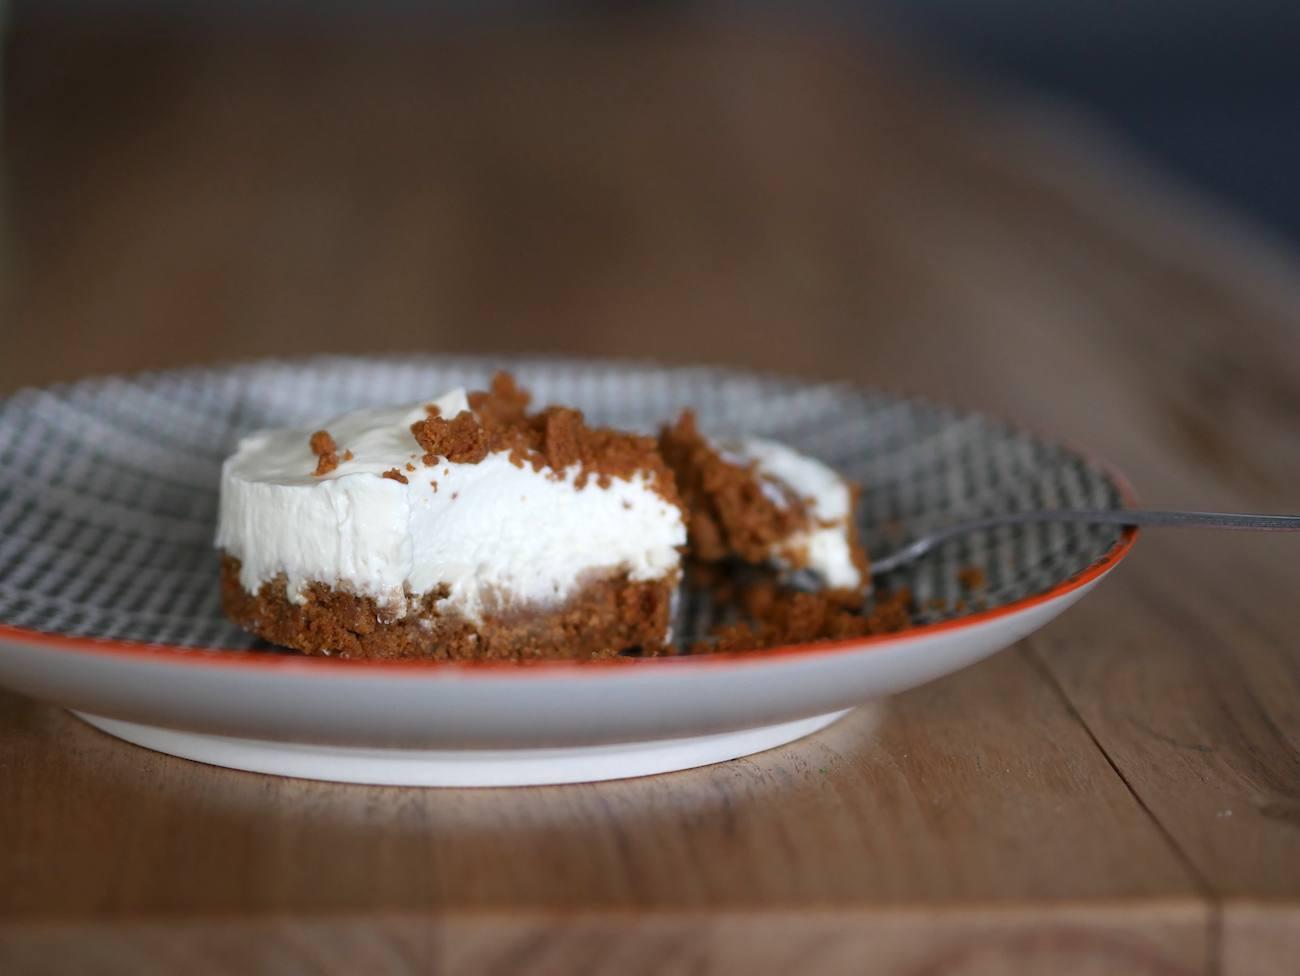 Recette Cheesecake Spéculos - Nolwenn C 7